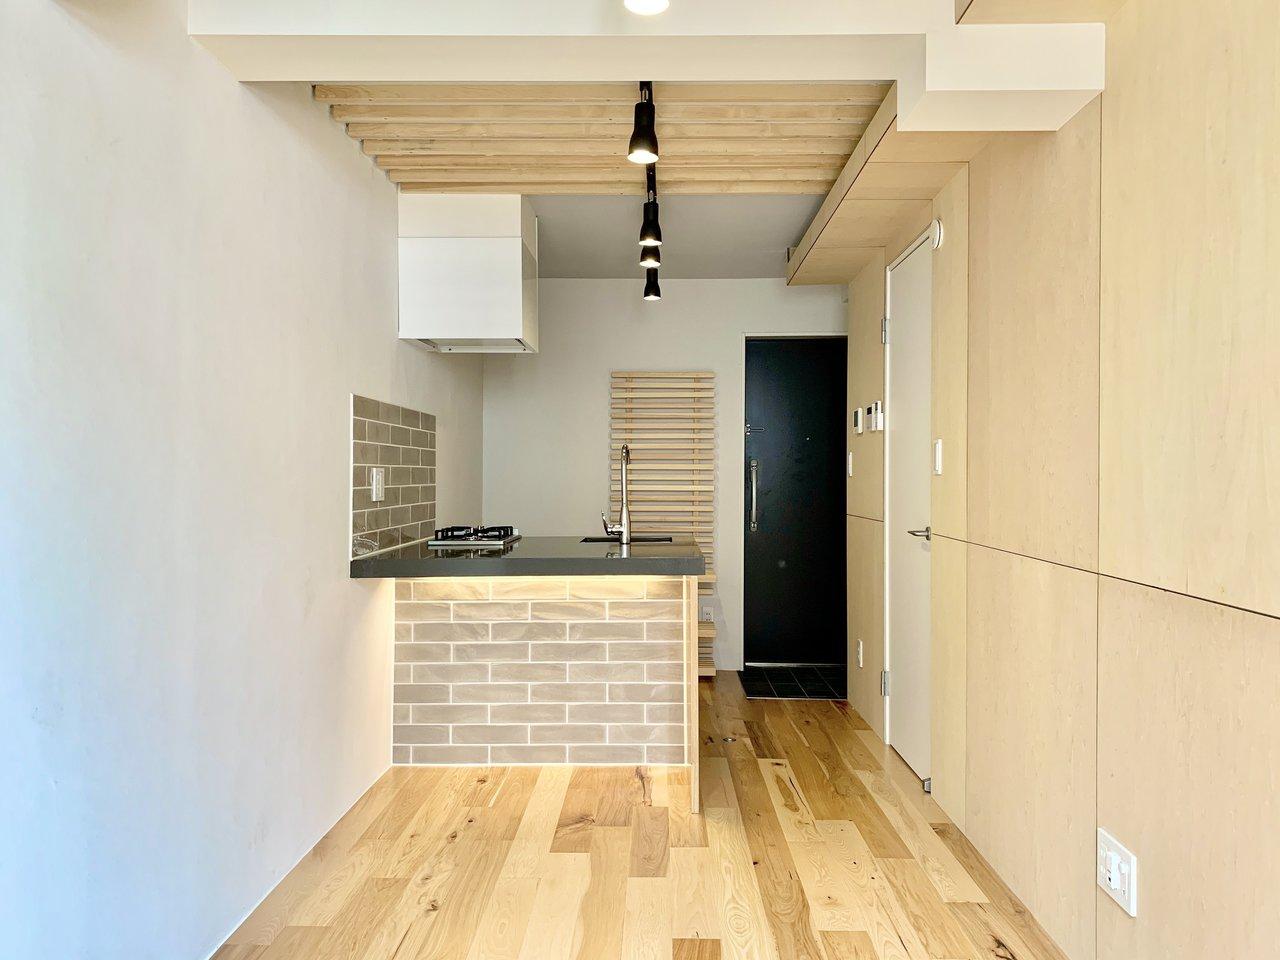 カウンターキッチンが印象的な、ワンルームタイプのお部屋。約9畳あって、しかも新築!カウンター側の下スペースが空いているので、椅子を置いてダイニングテーブルにすることもできそう。